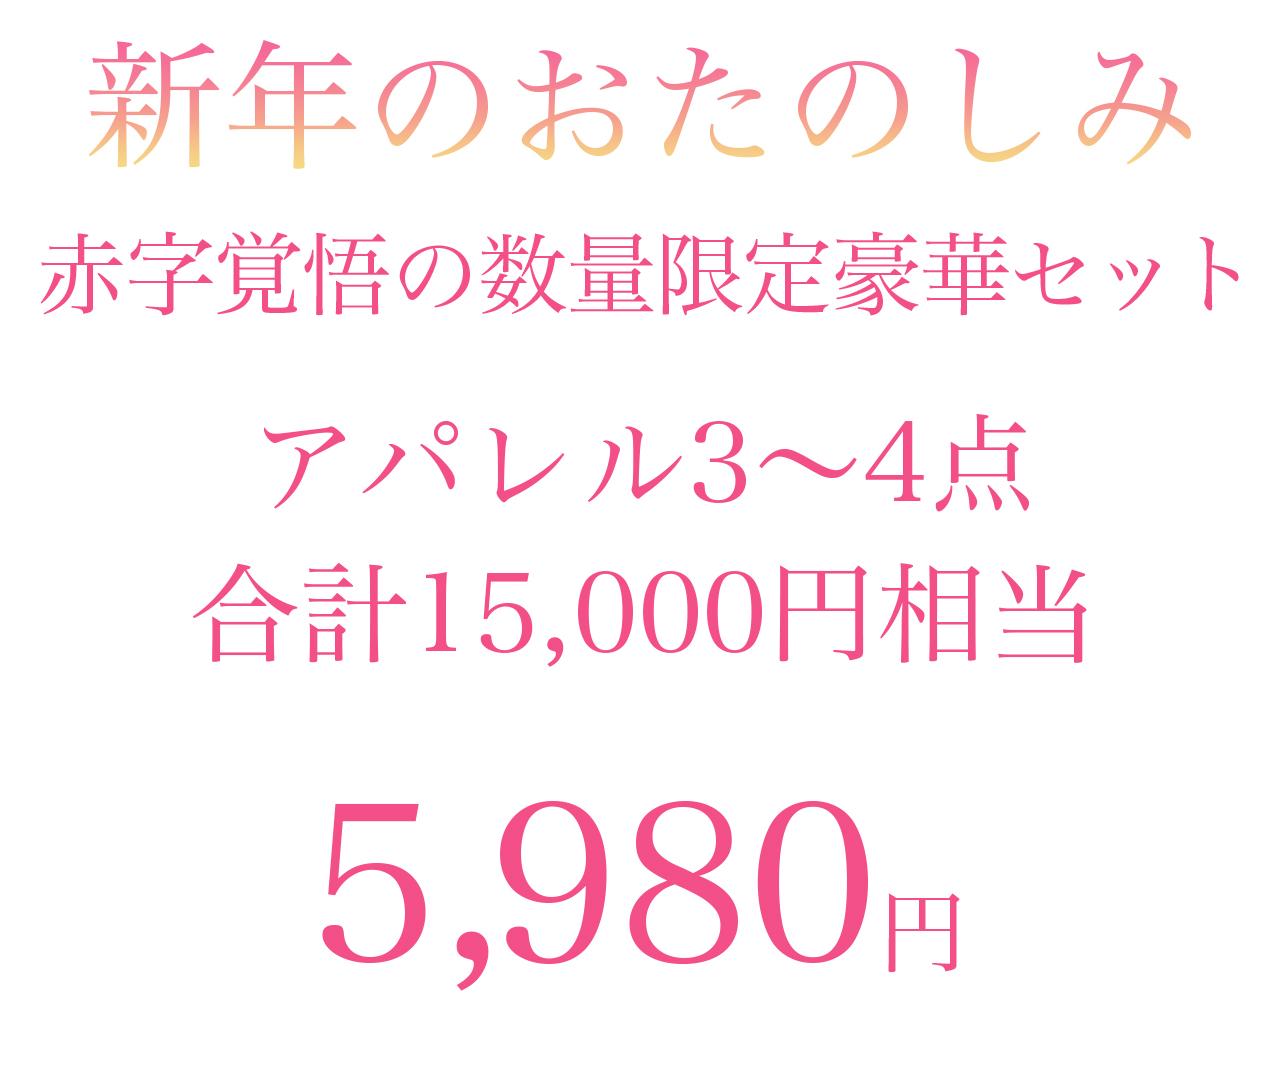 15,000円相当 赤字覚悟の5,980円